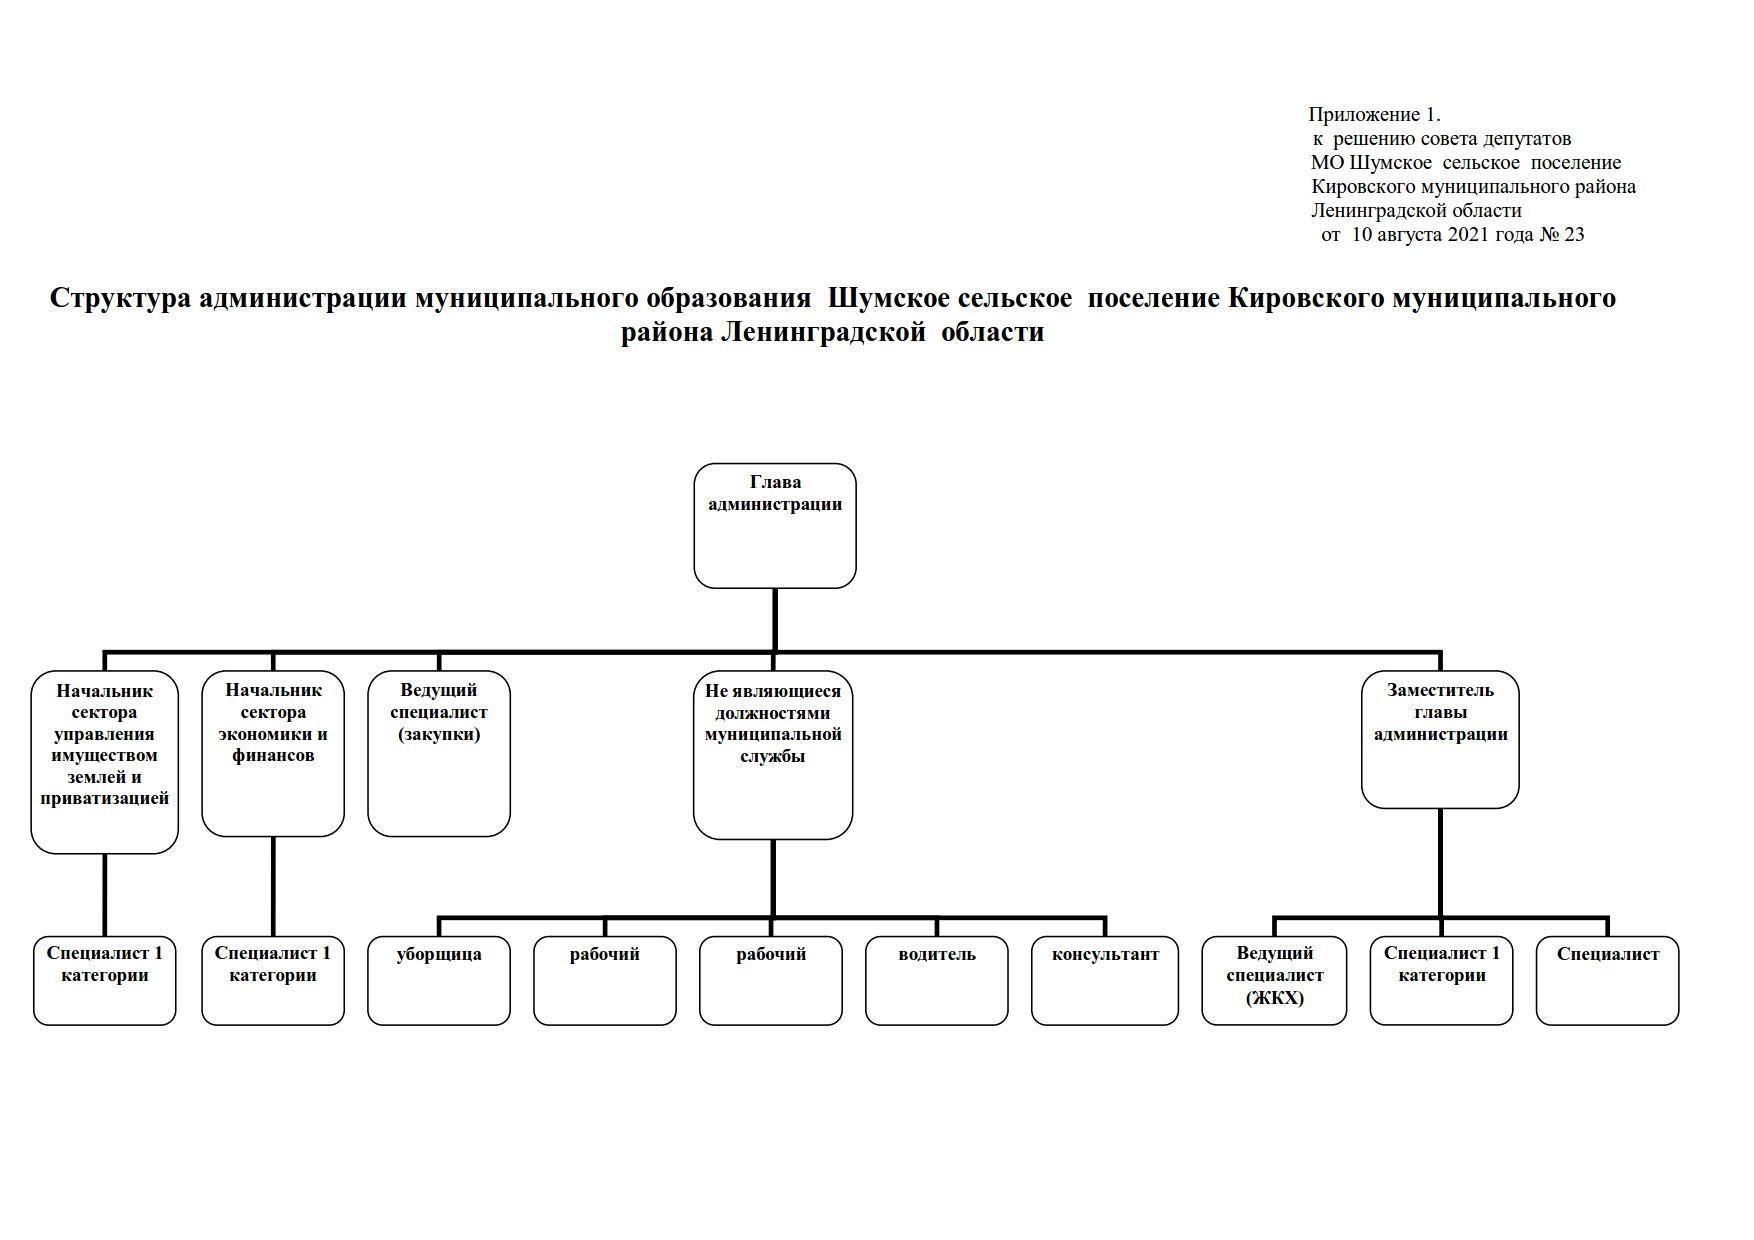 23 от 10.08.2021 структура администрации_1